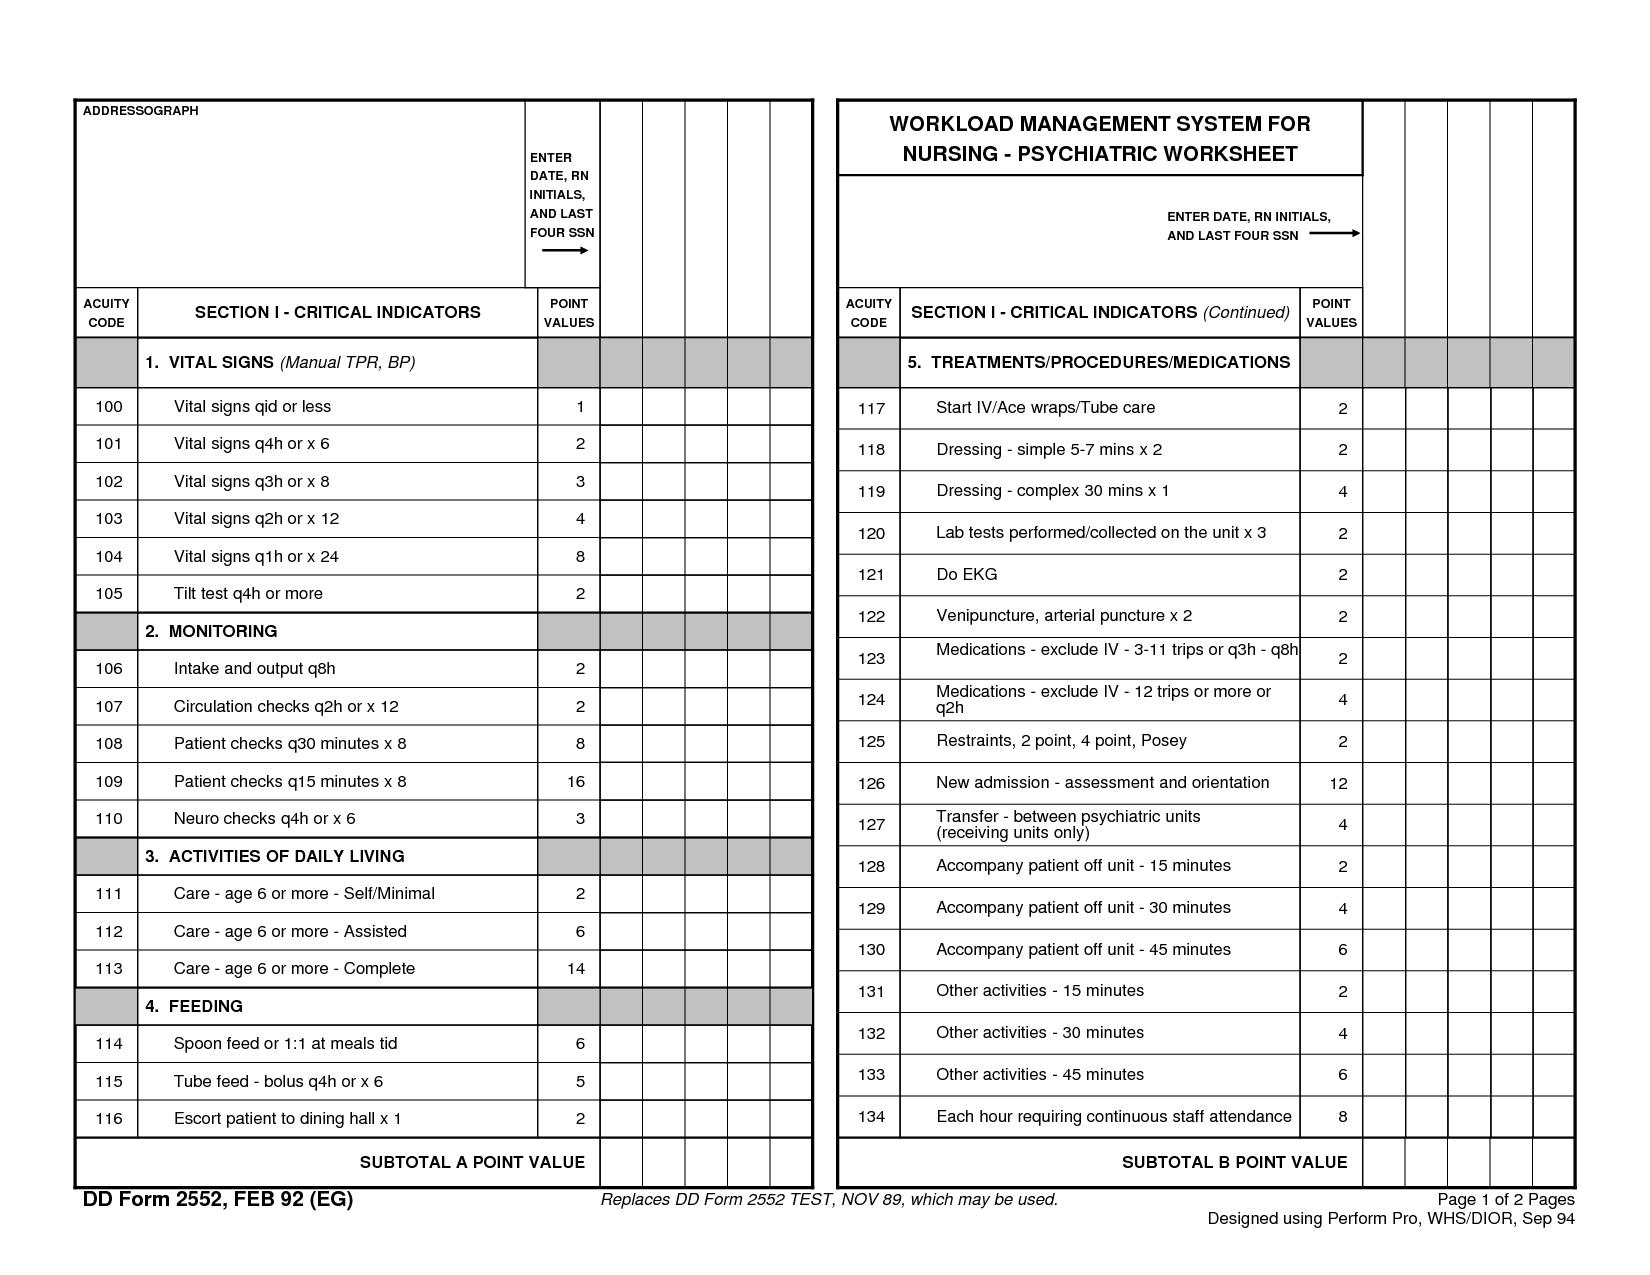 iv insertion documentation example